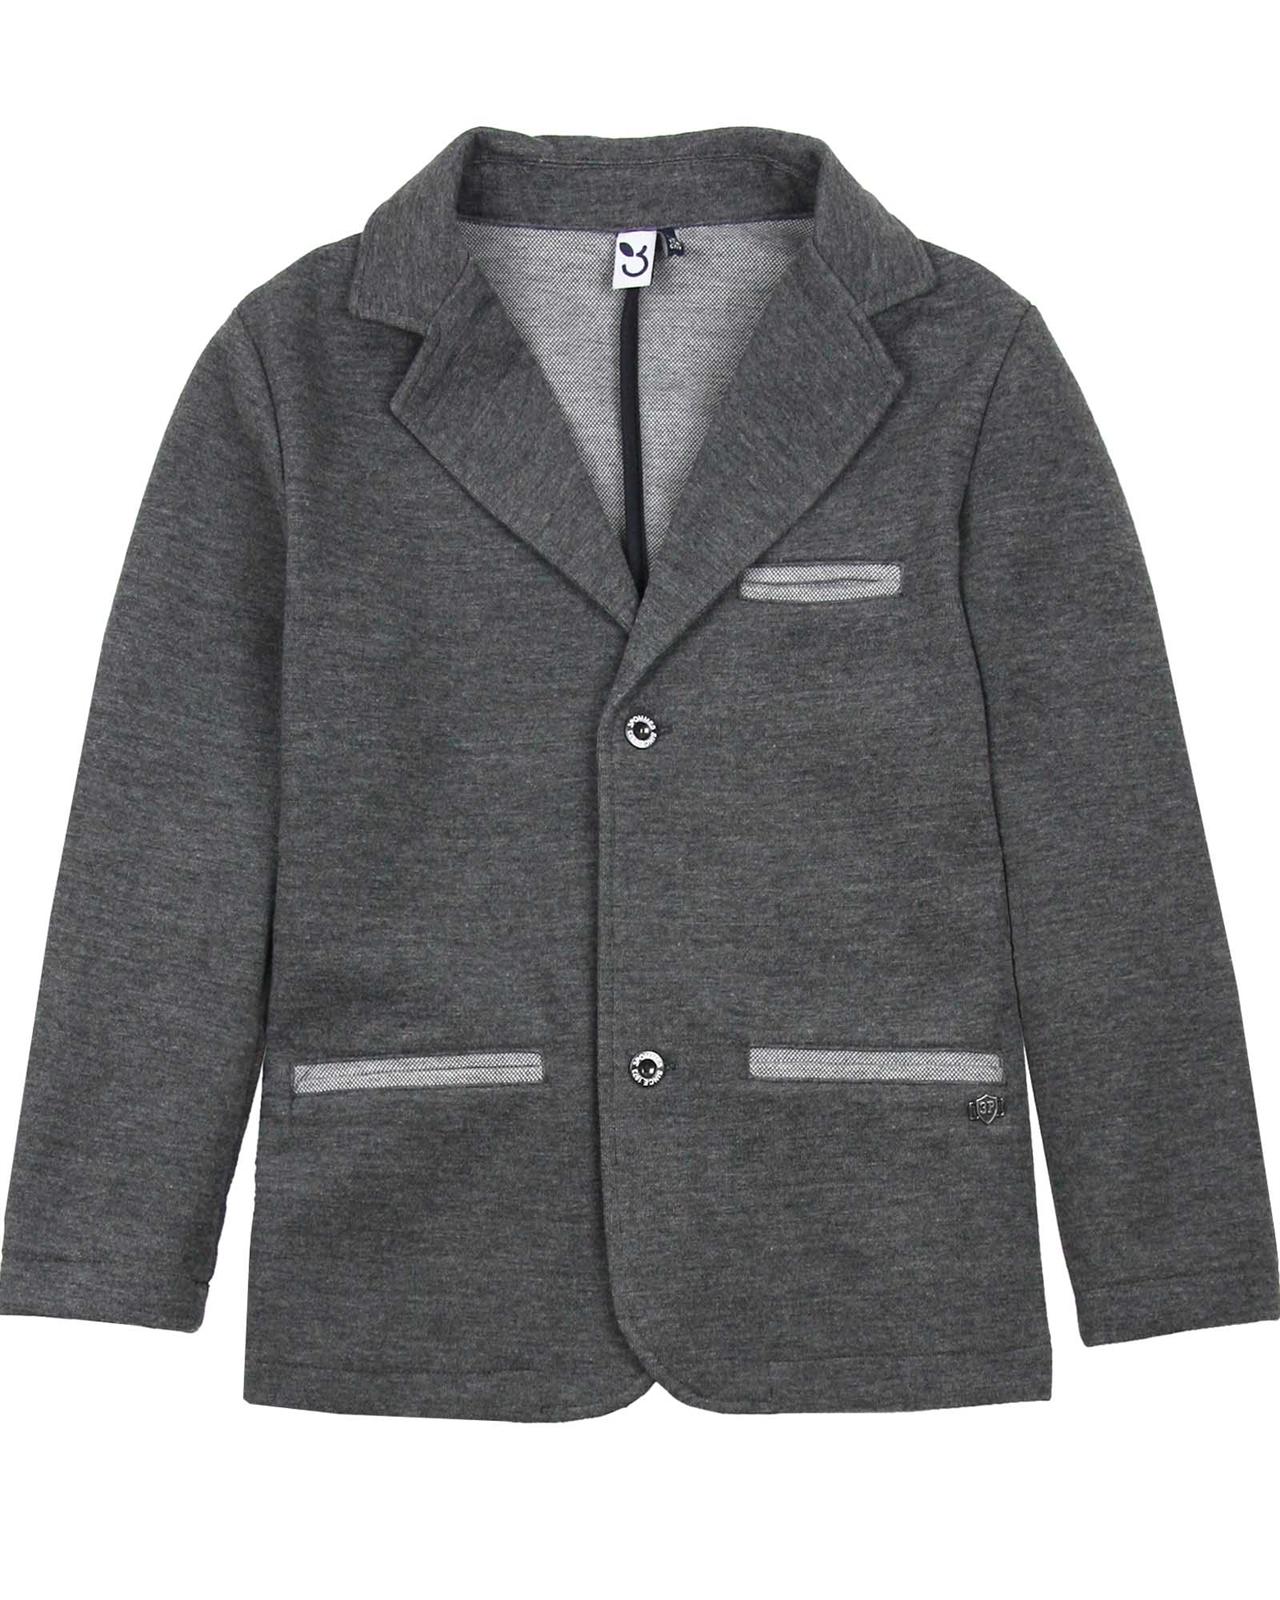 3POMMES Boys Knit Dress Blazer Sizes 4-12